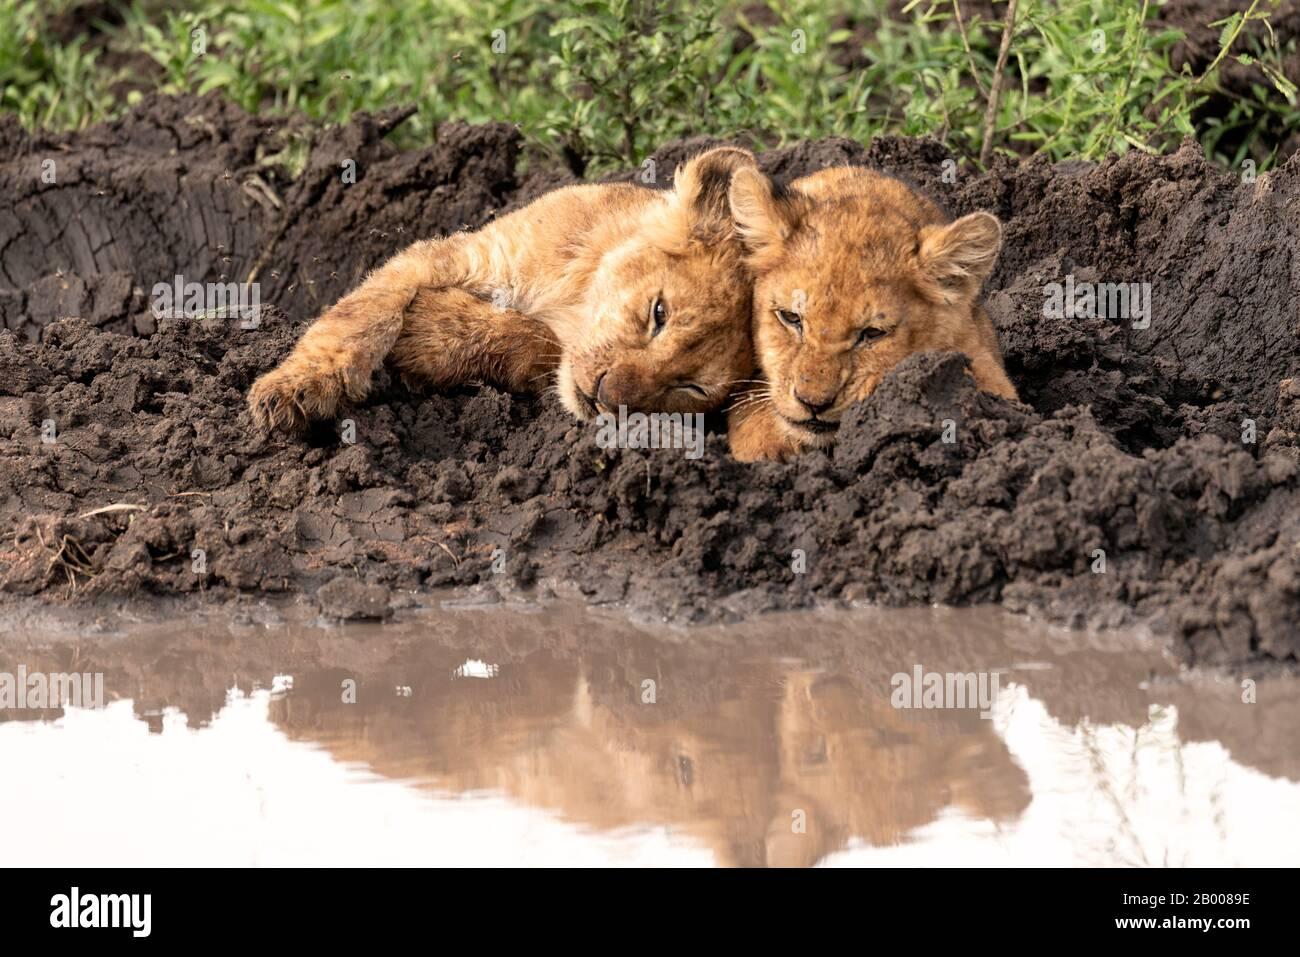 Adorables cachorros de león acurrucada con reflexión en el charco Foto de stock